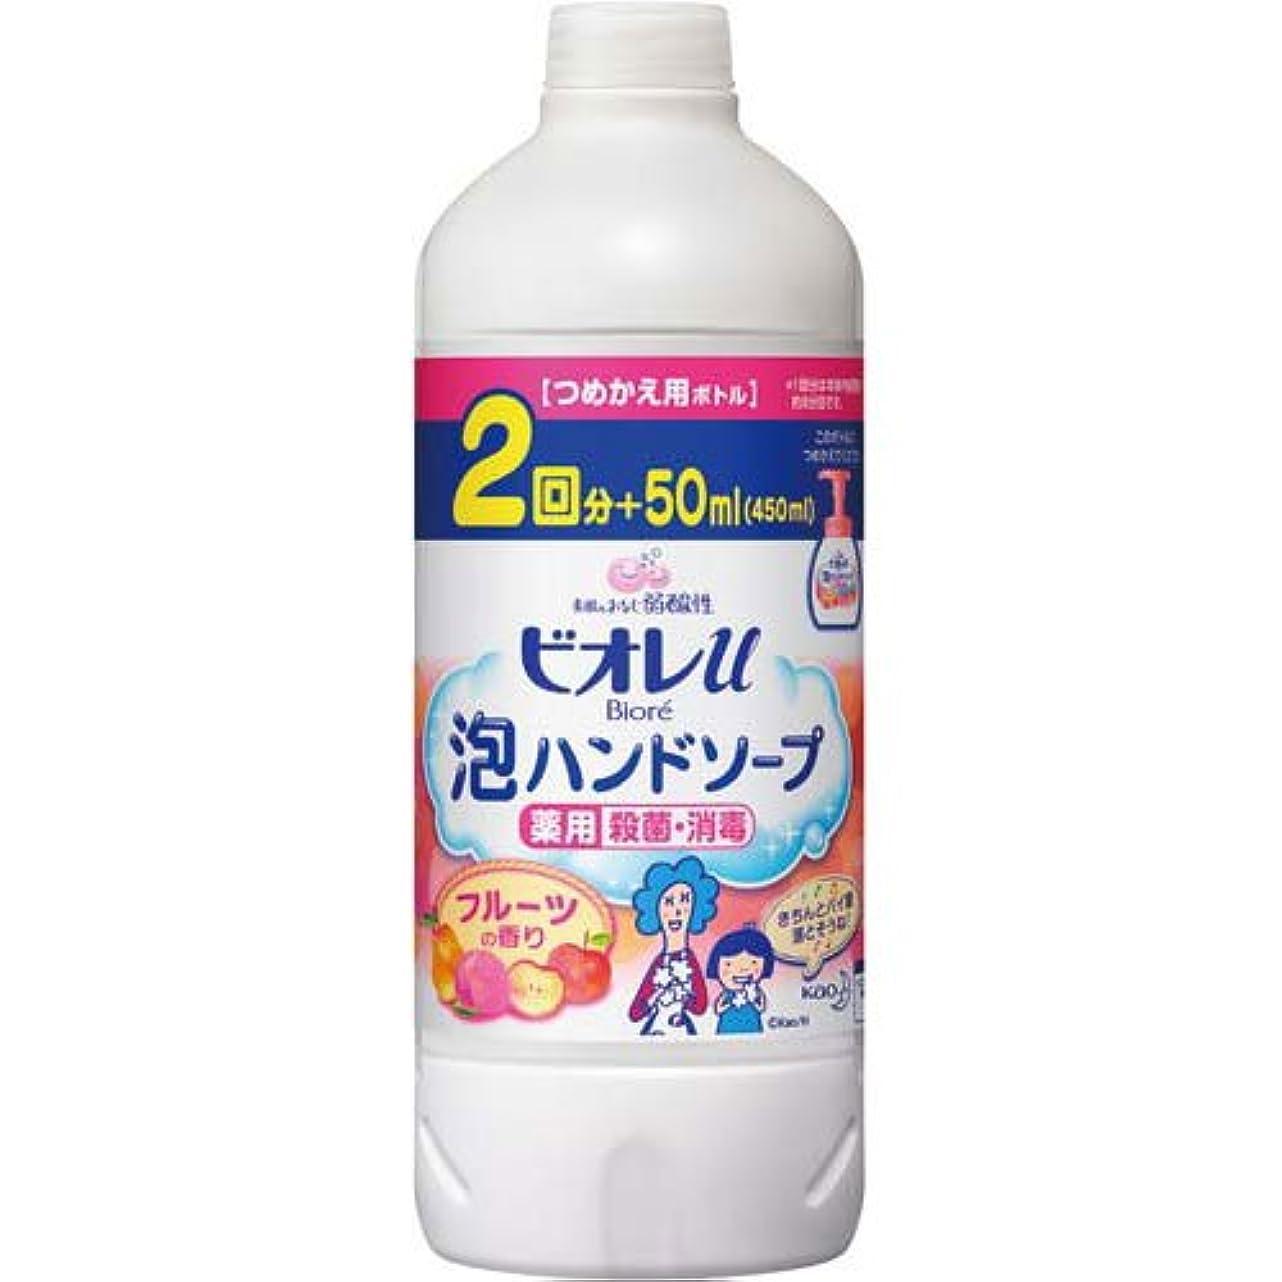 中で一部速い花王 ビオレu 泡ハンドソープ フルーツ 詰替×24本